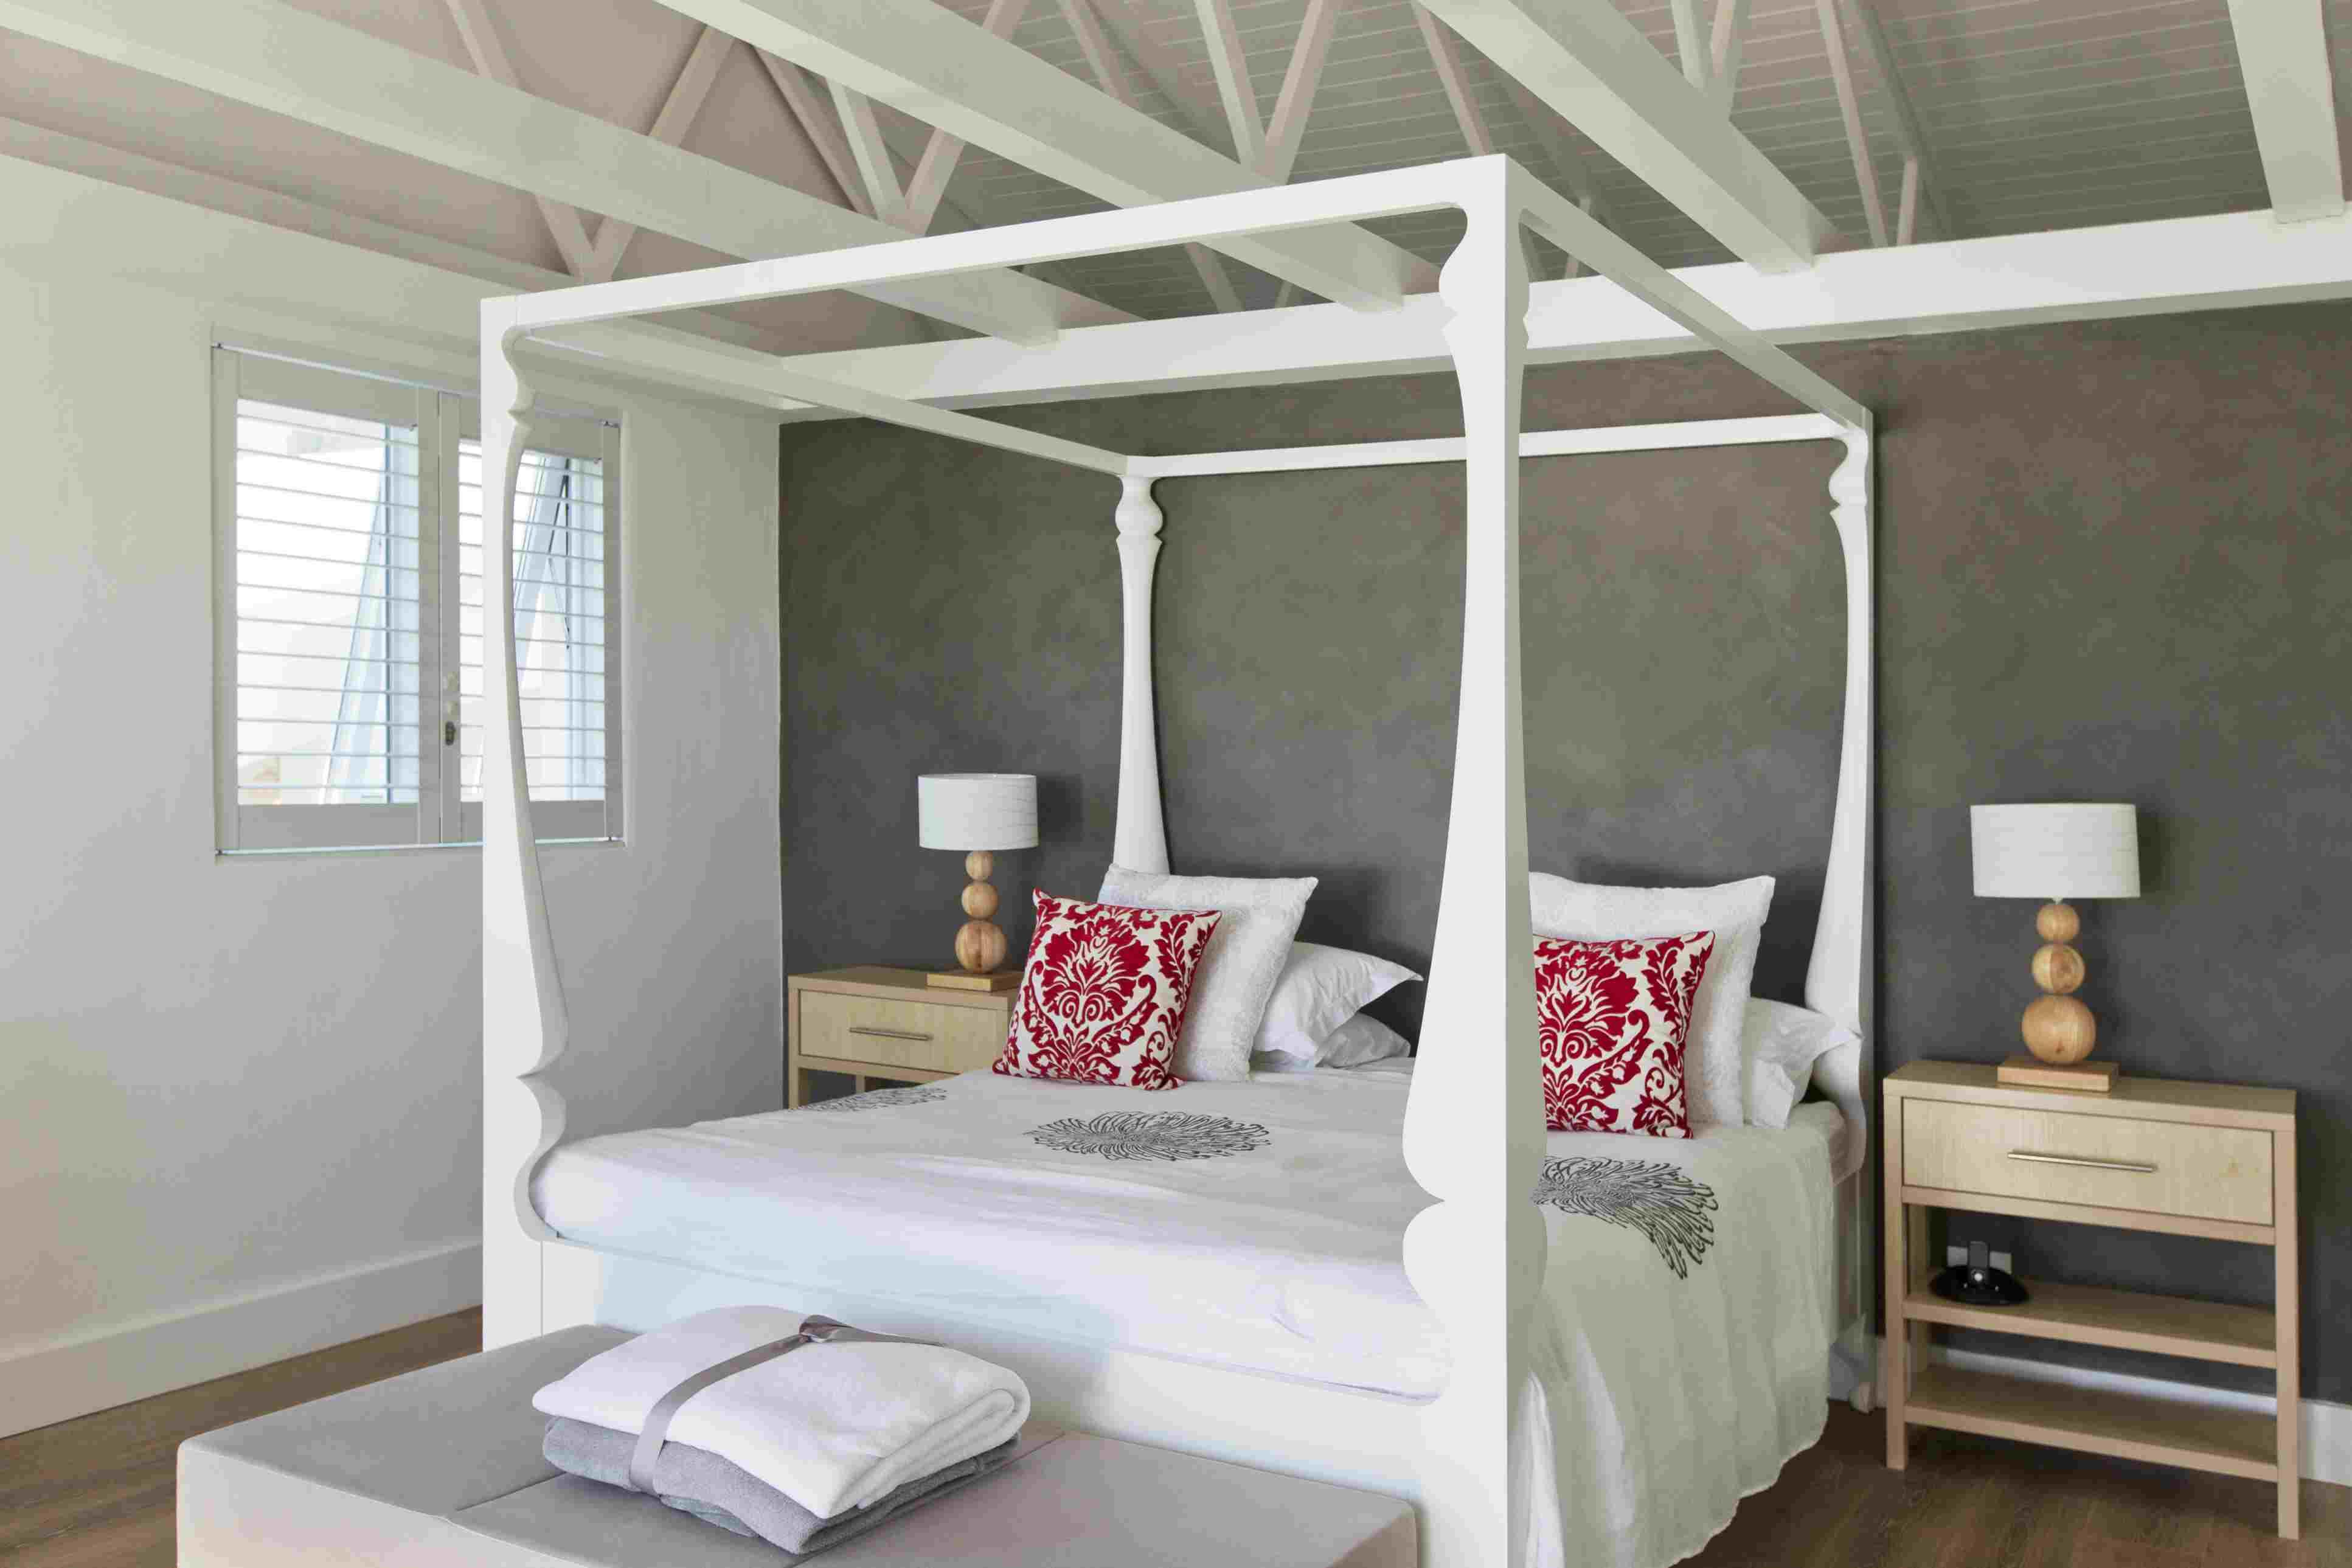 Hermosa cama con dosel en habitación contemporánea